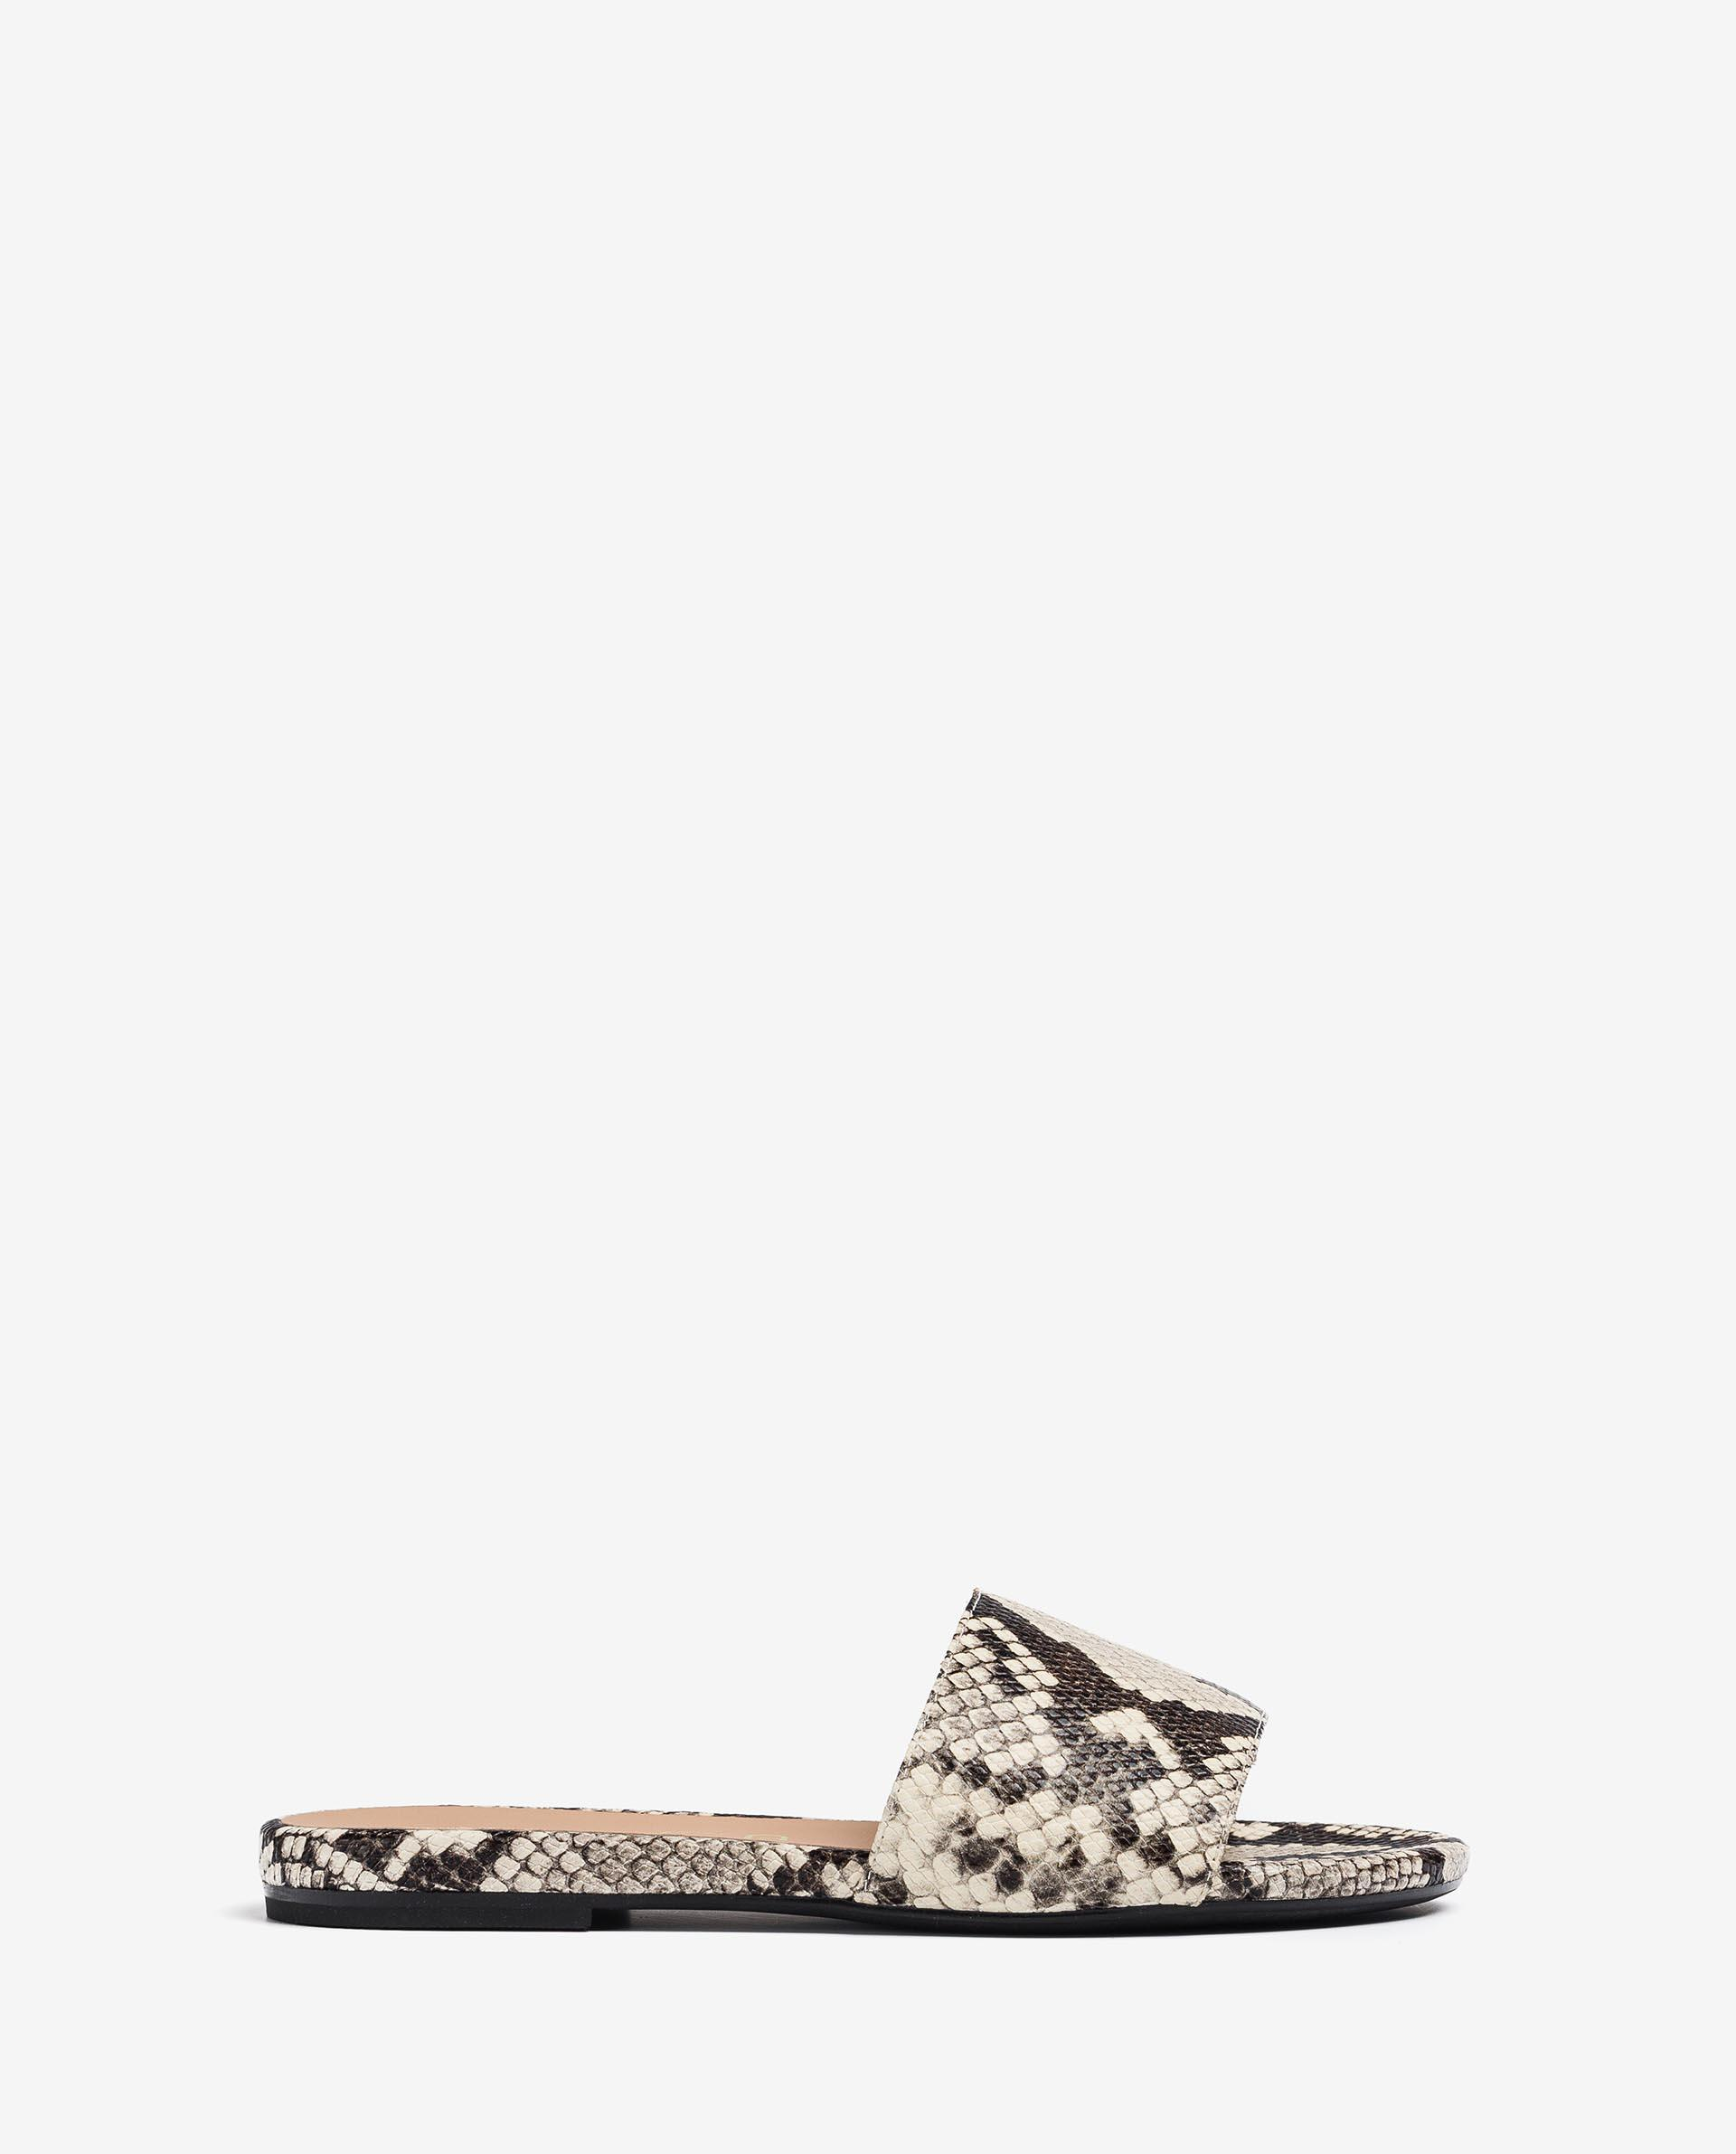 UNISA Sandalia plana tipo esclava fabricada en piel efecto serpiente CADIARSIN_VIP